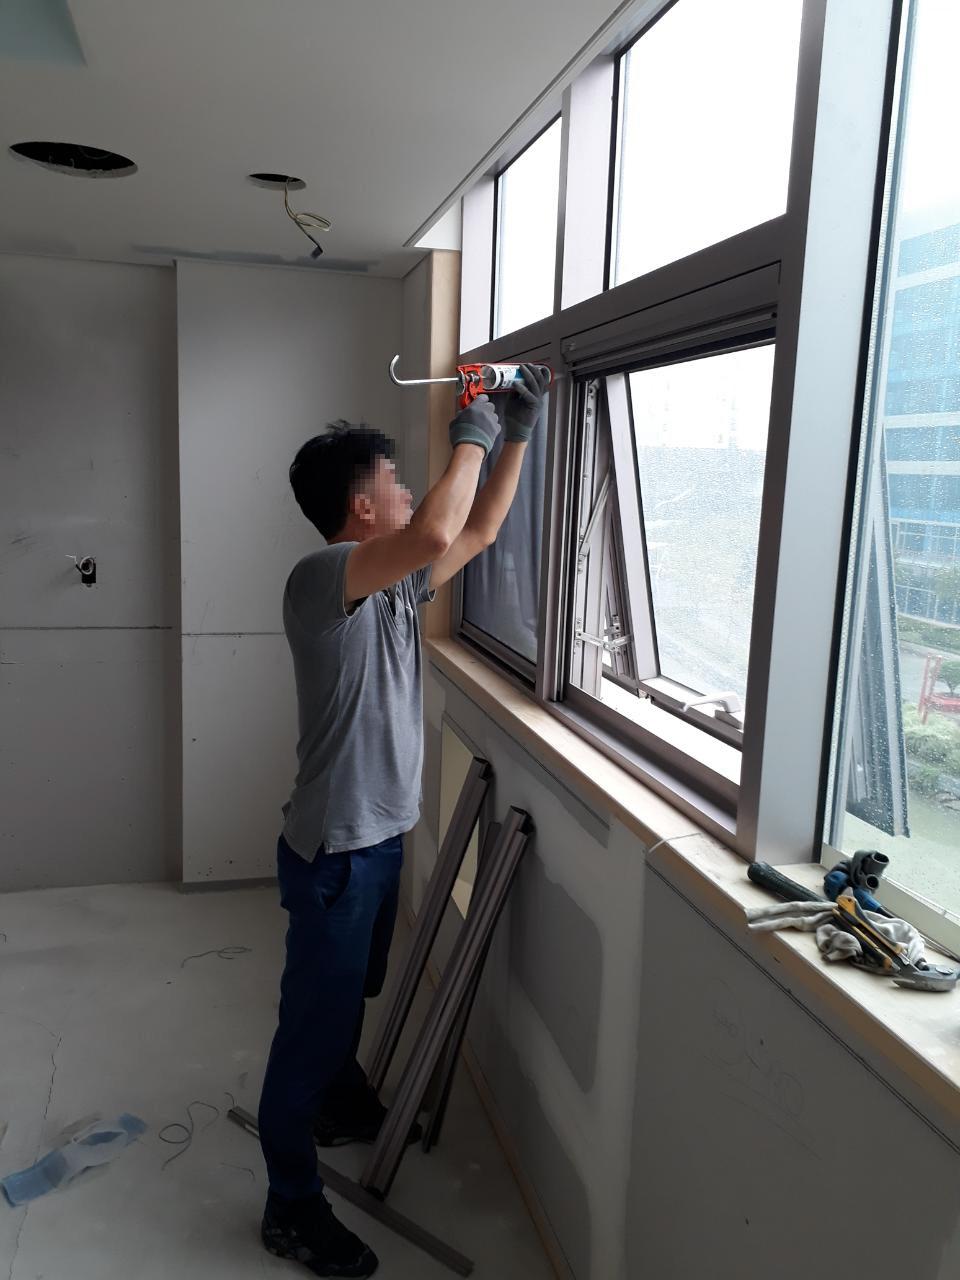 청라 포스코 어린이집 티엔 나노방진망으로 미세먼지 및 공기질 개선